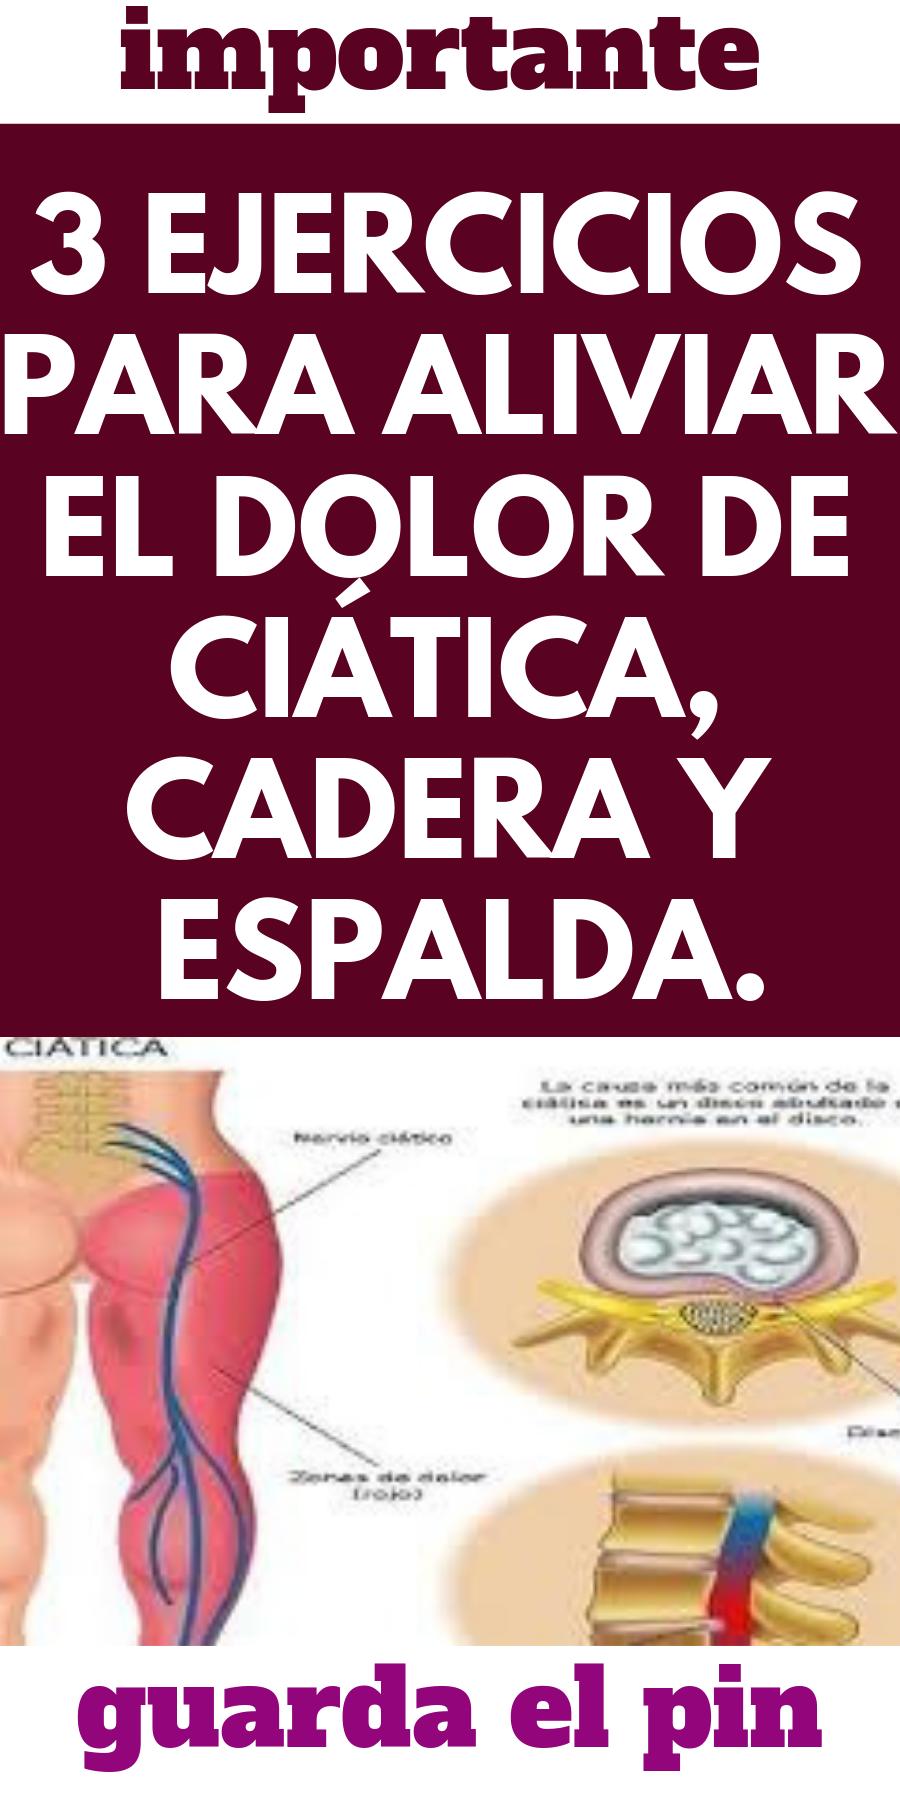 ejercicios para aliviar el dolor del ciatico